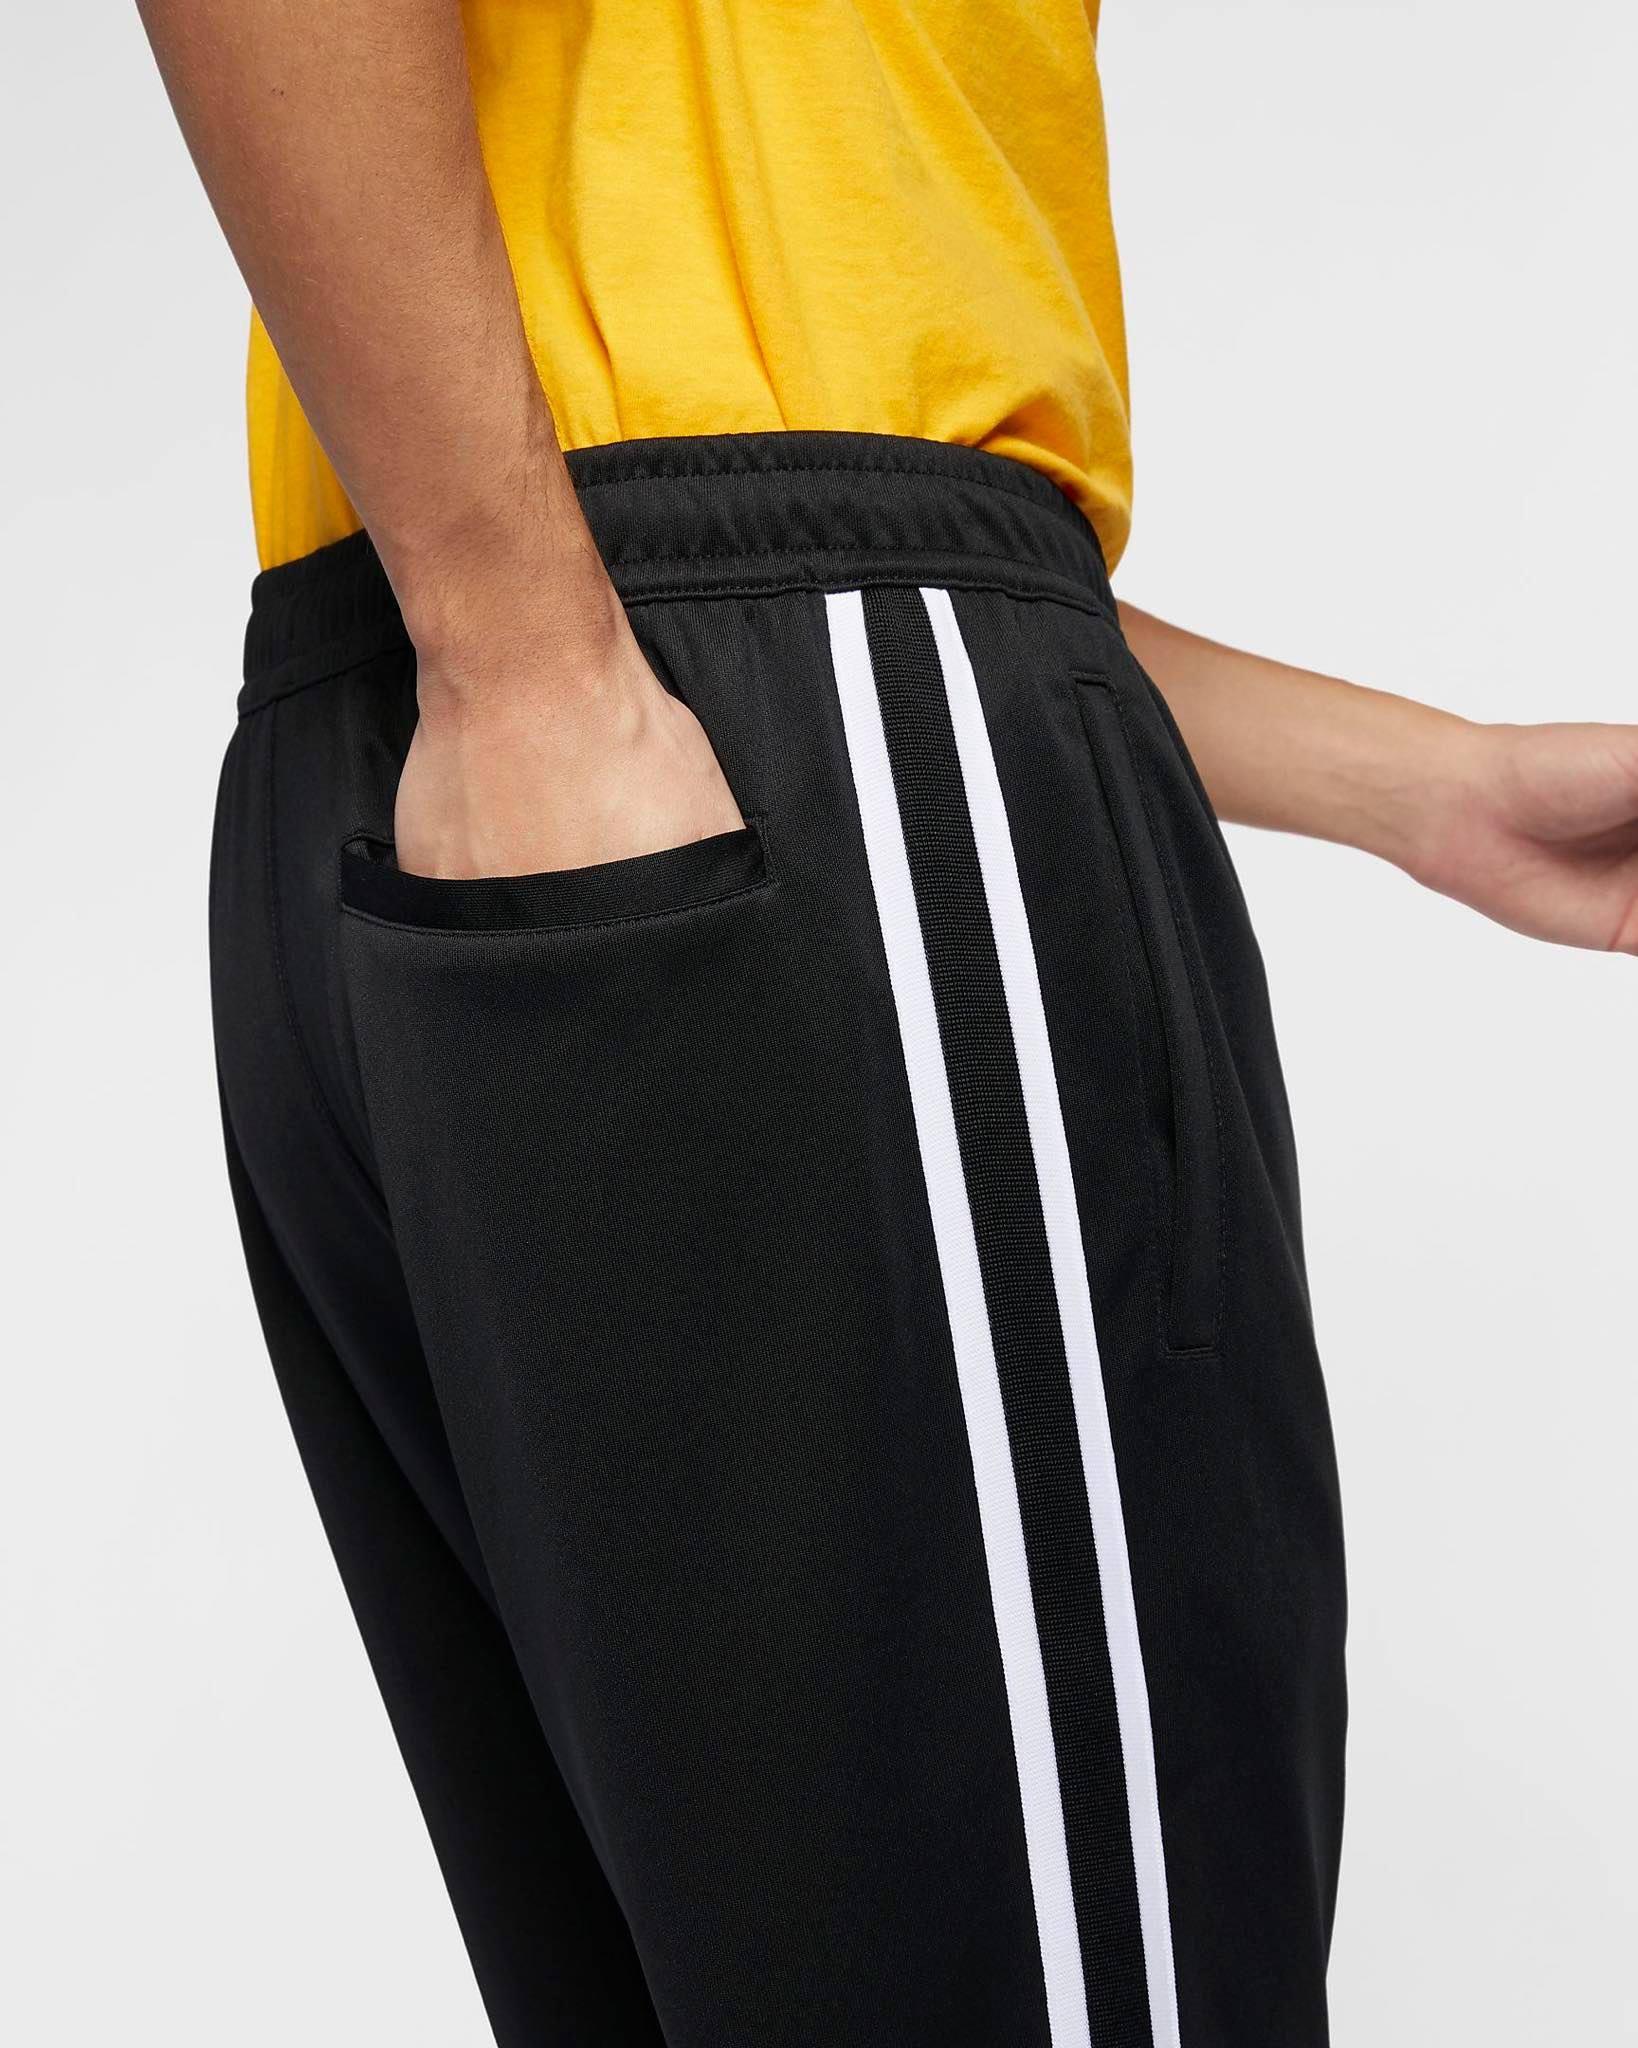 MEN'S SPORTSWEAR PANTS BLACK